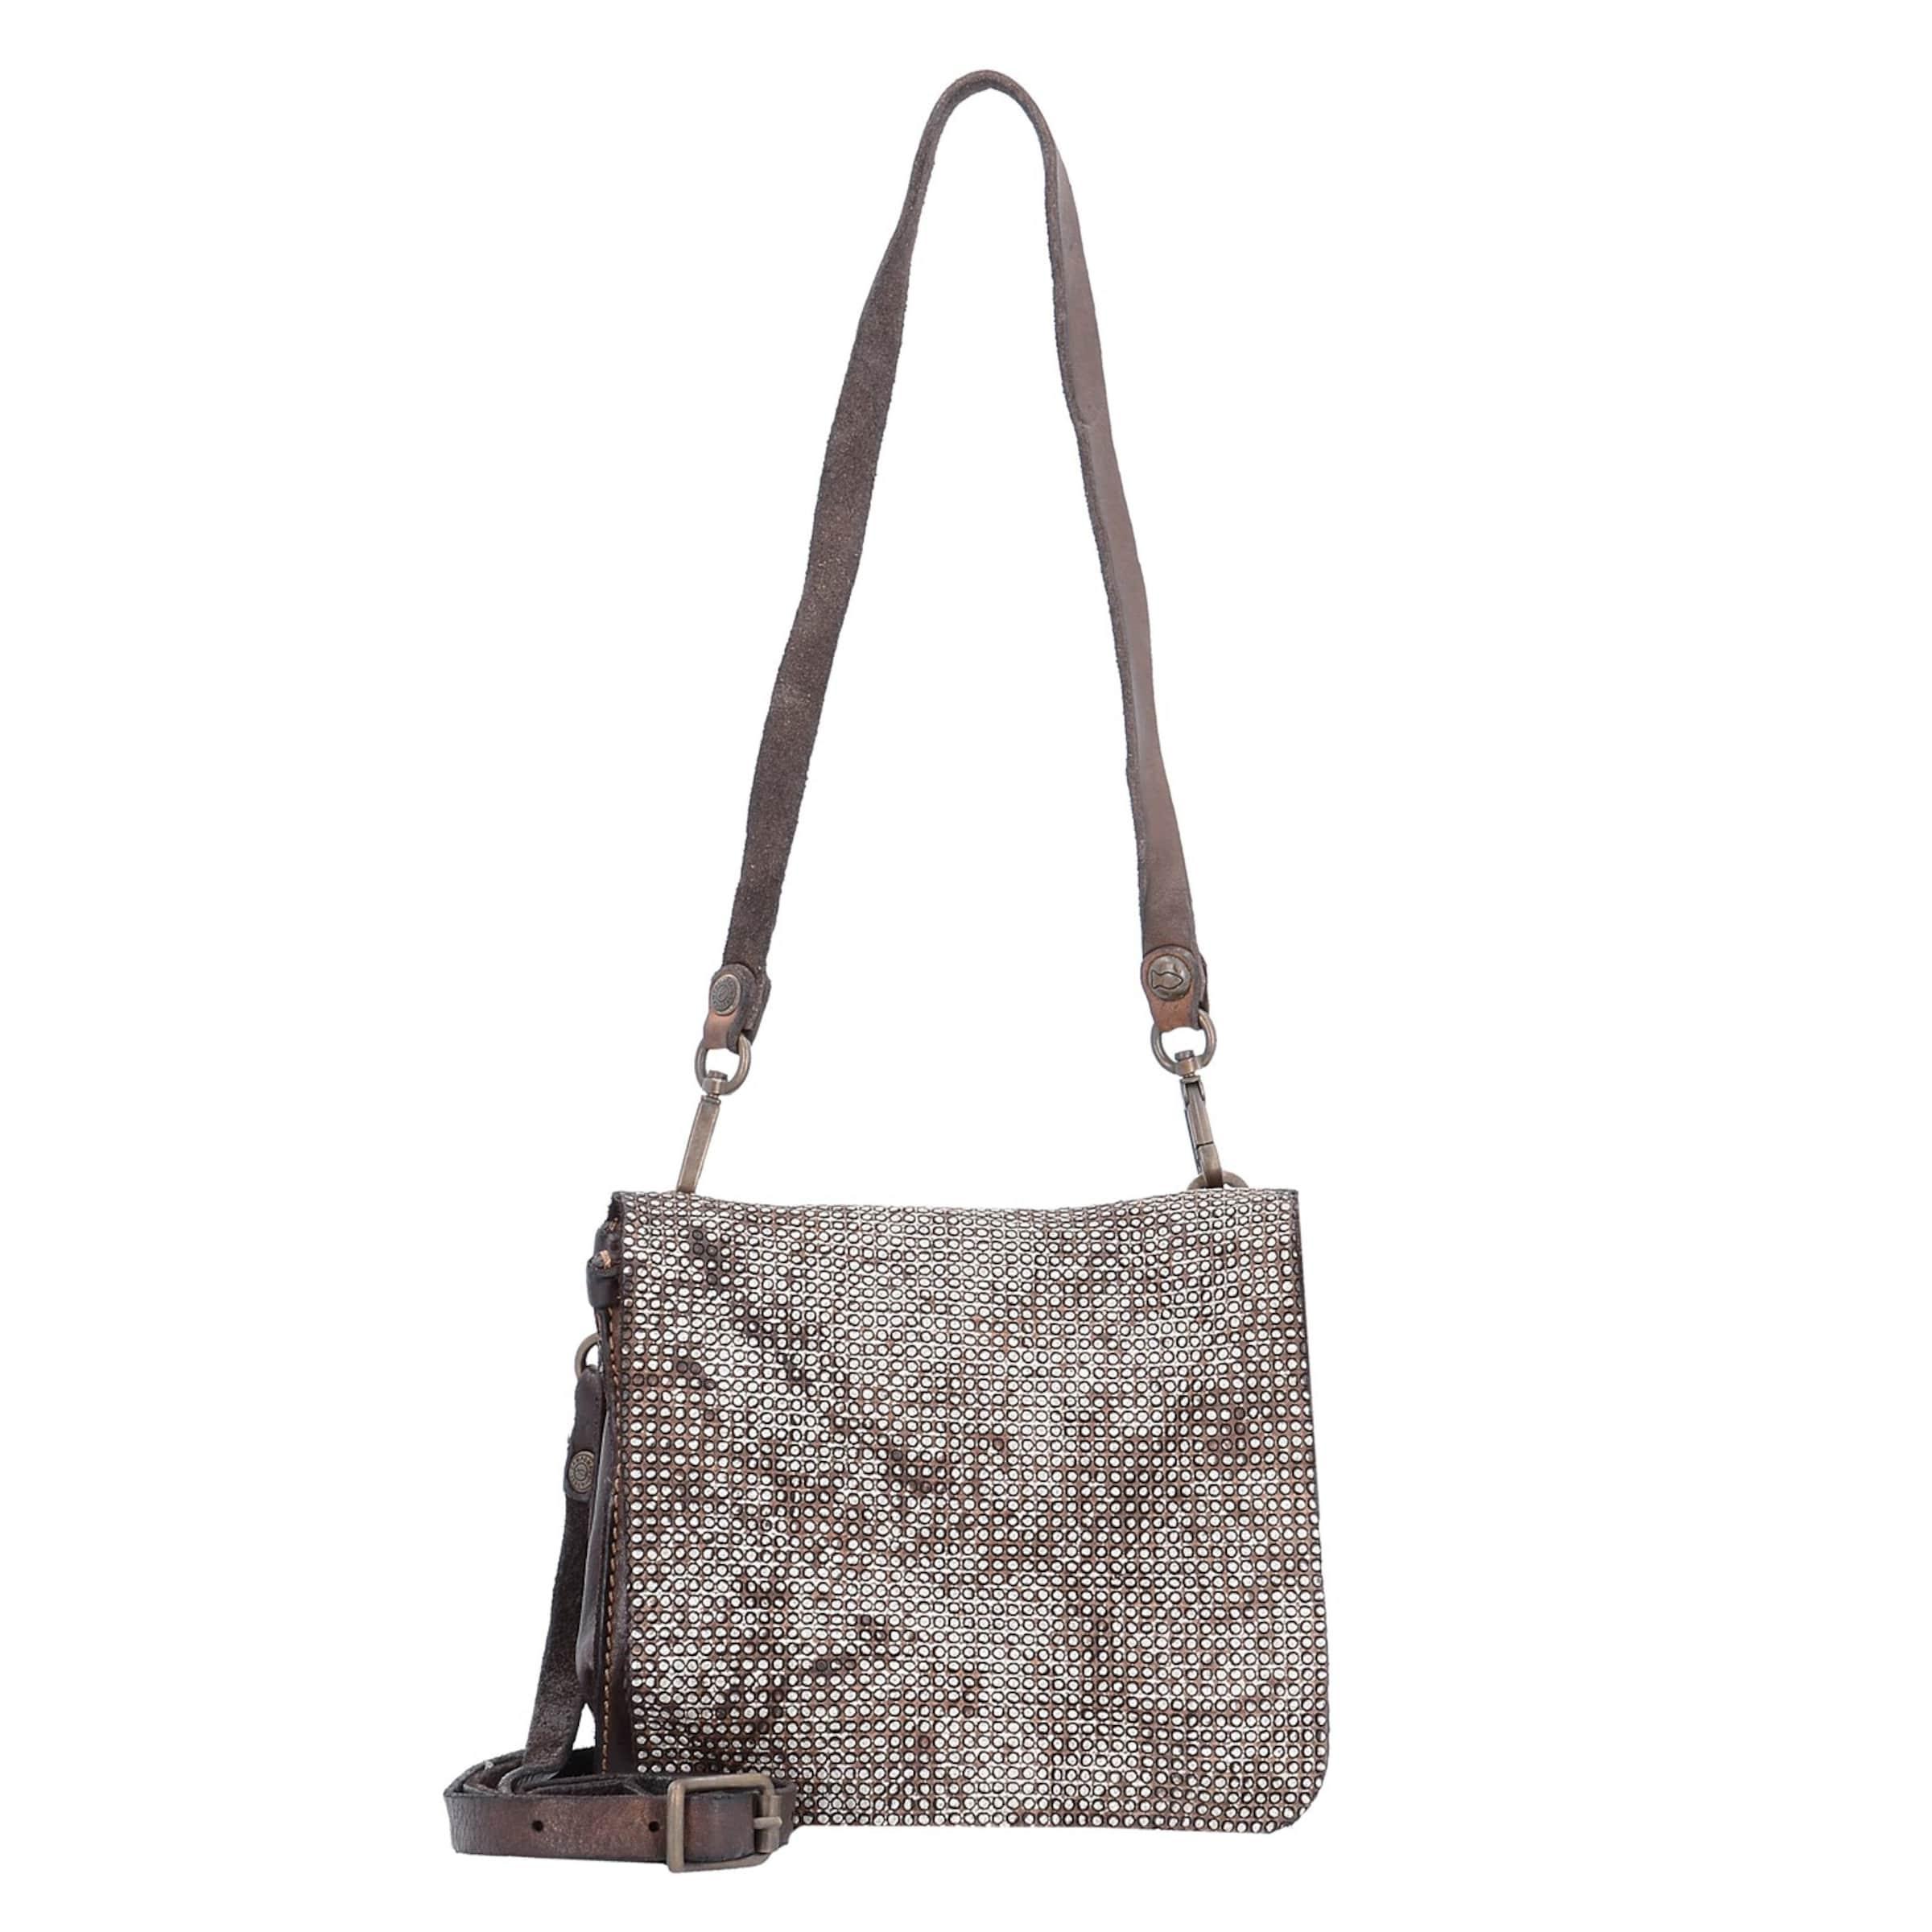 Großhandelspreis Günstiger Preis Niedriger Preis Versandkosten Für Online-Verkauf Campomaggi Bauletto Mini Bag Umhängetasche Leder 17 cm 5fIQle